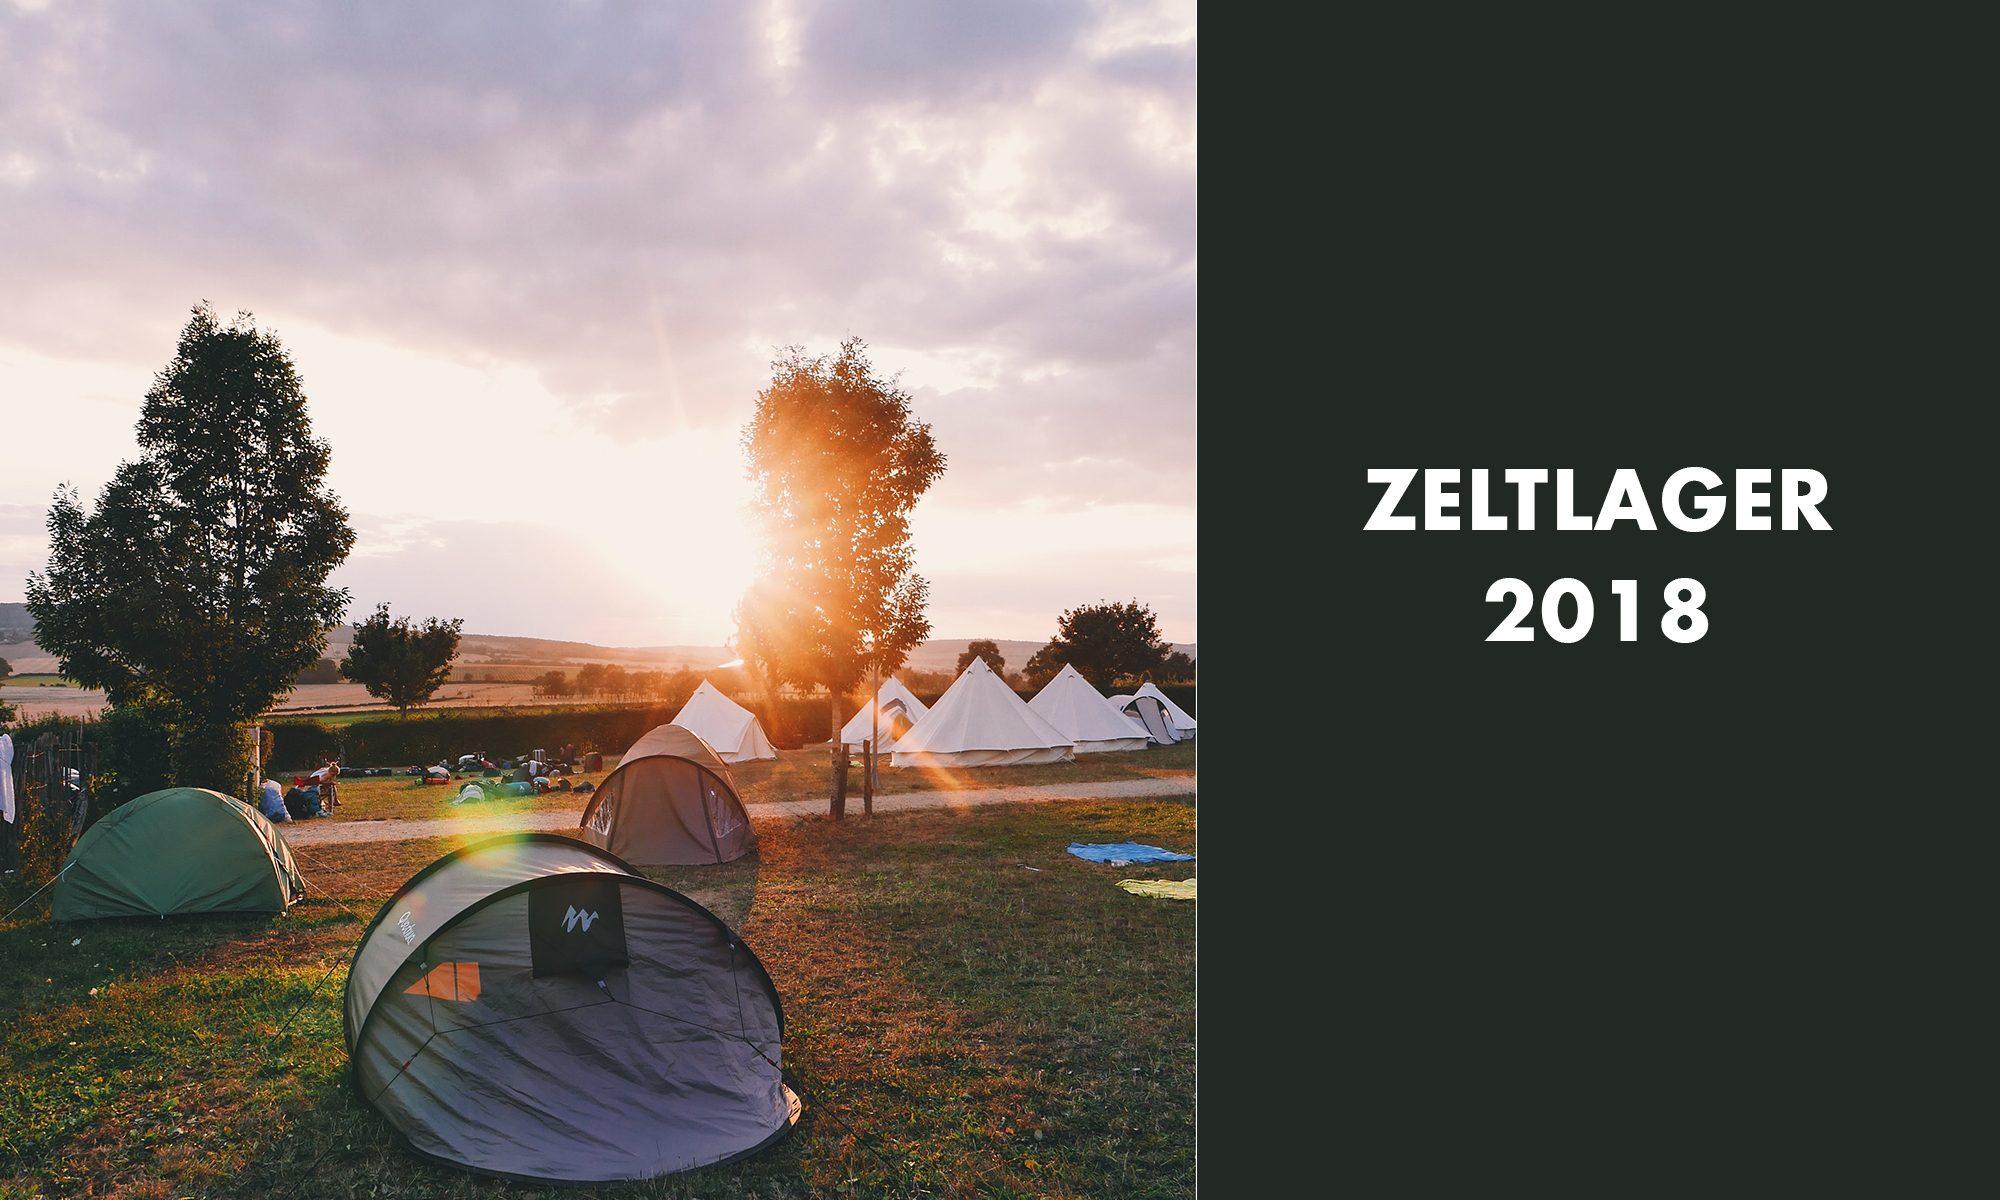 Zeltlager 2018